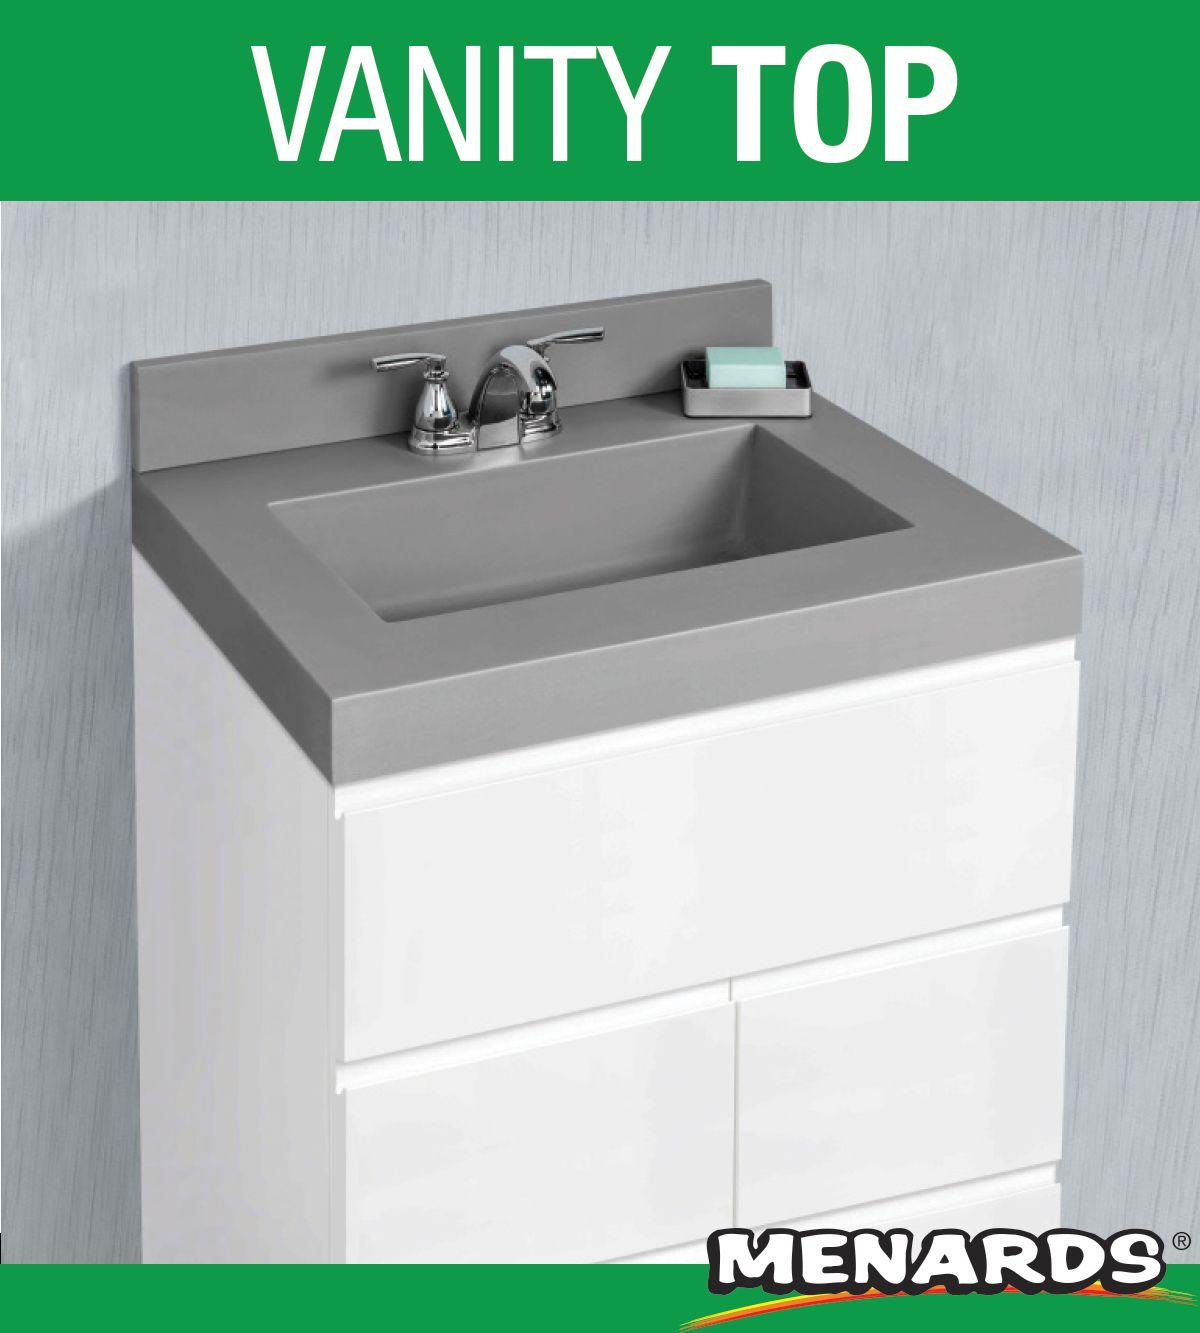 30+ Menards vanity top type